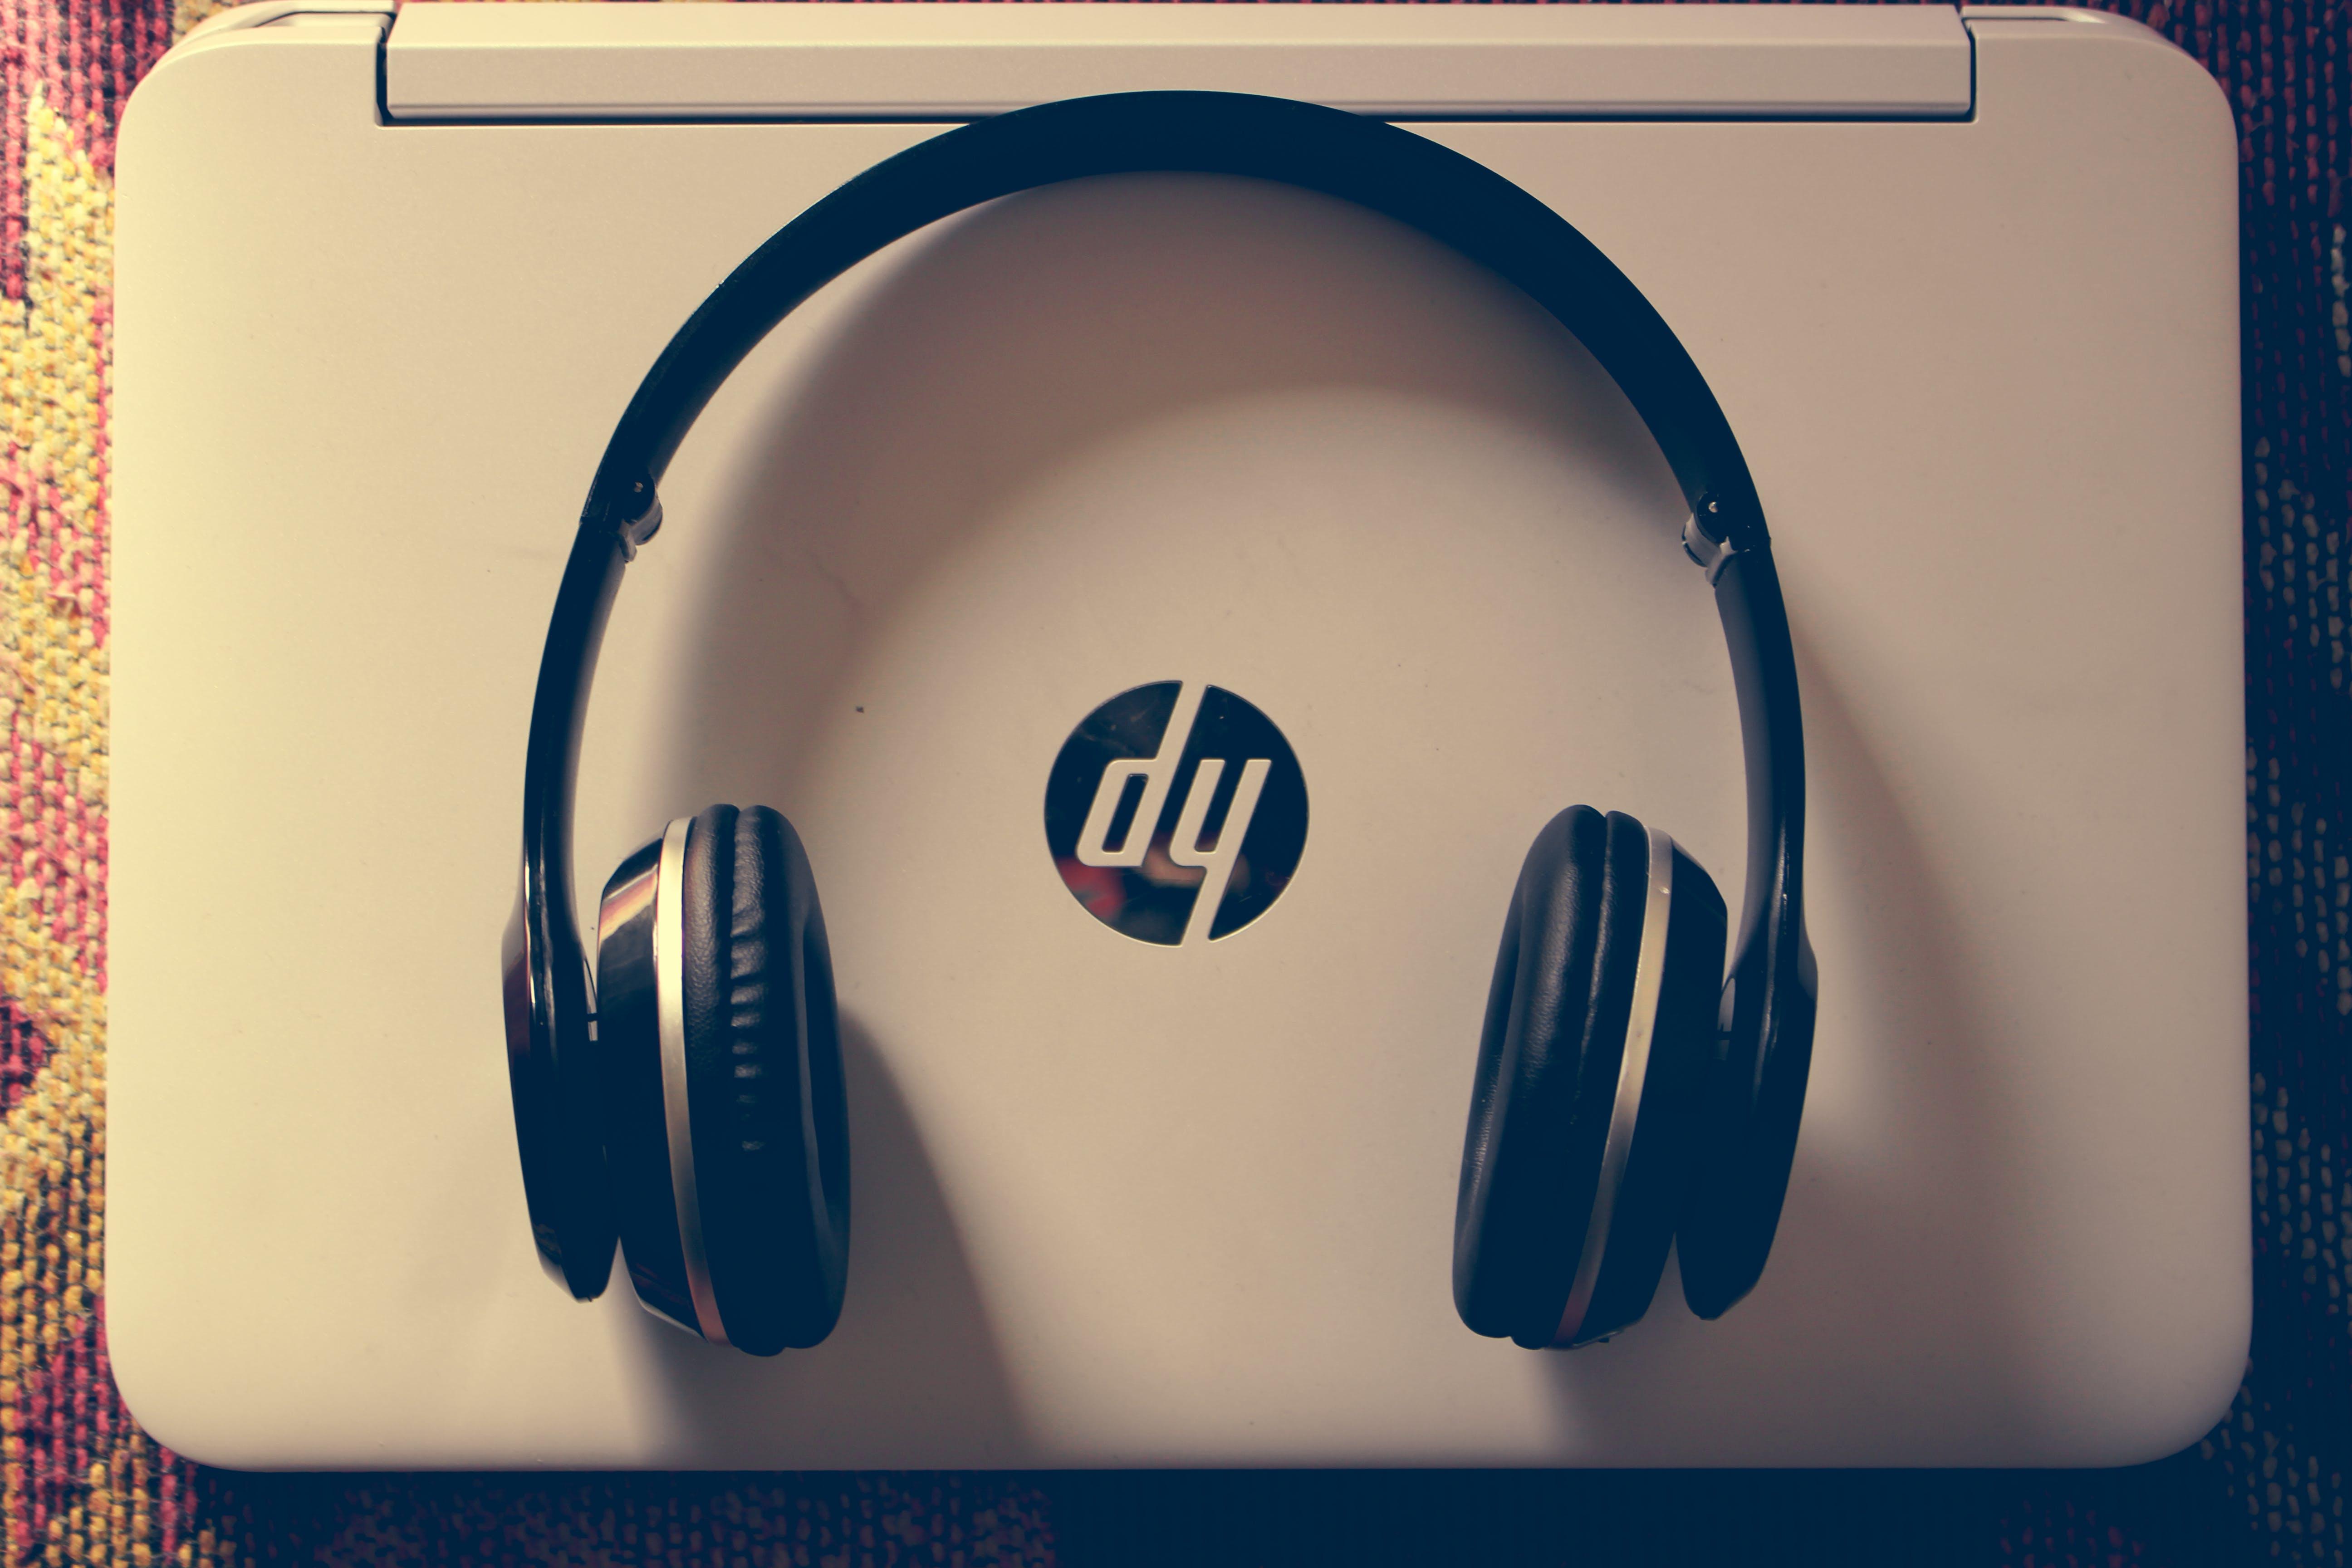 adentro, auriculares, blanco y negro